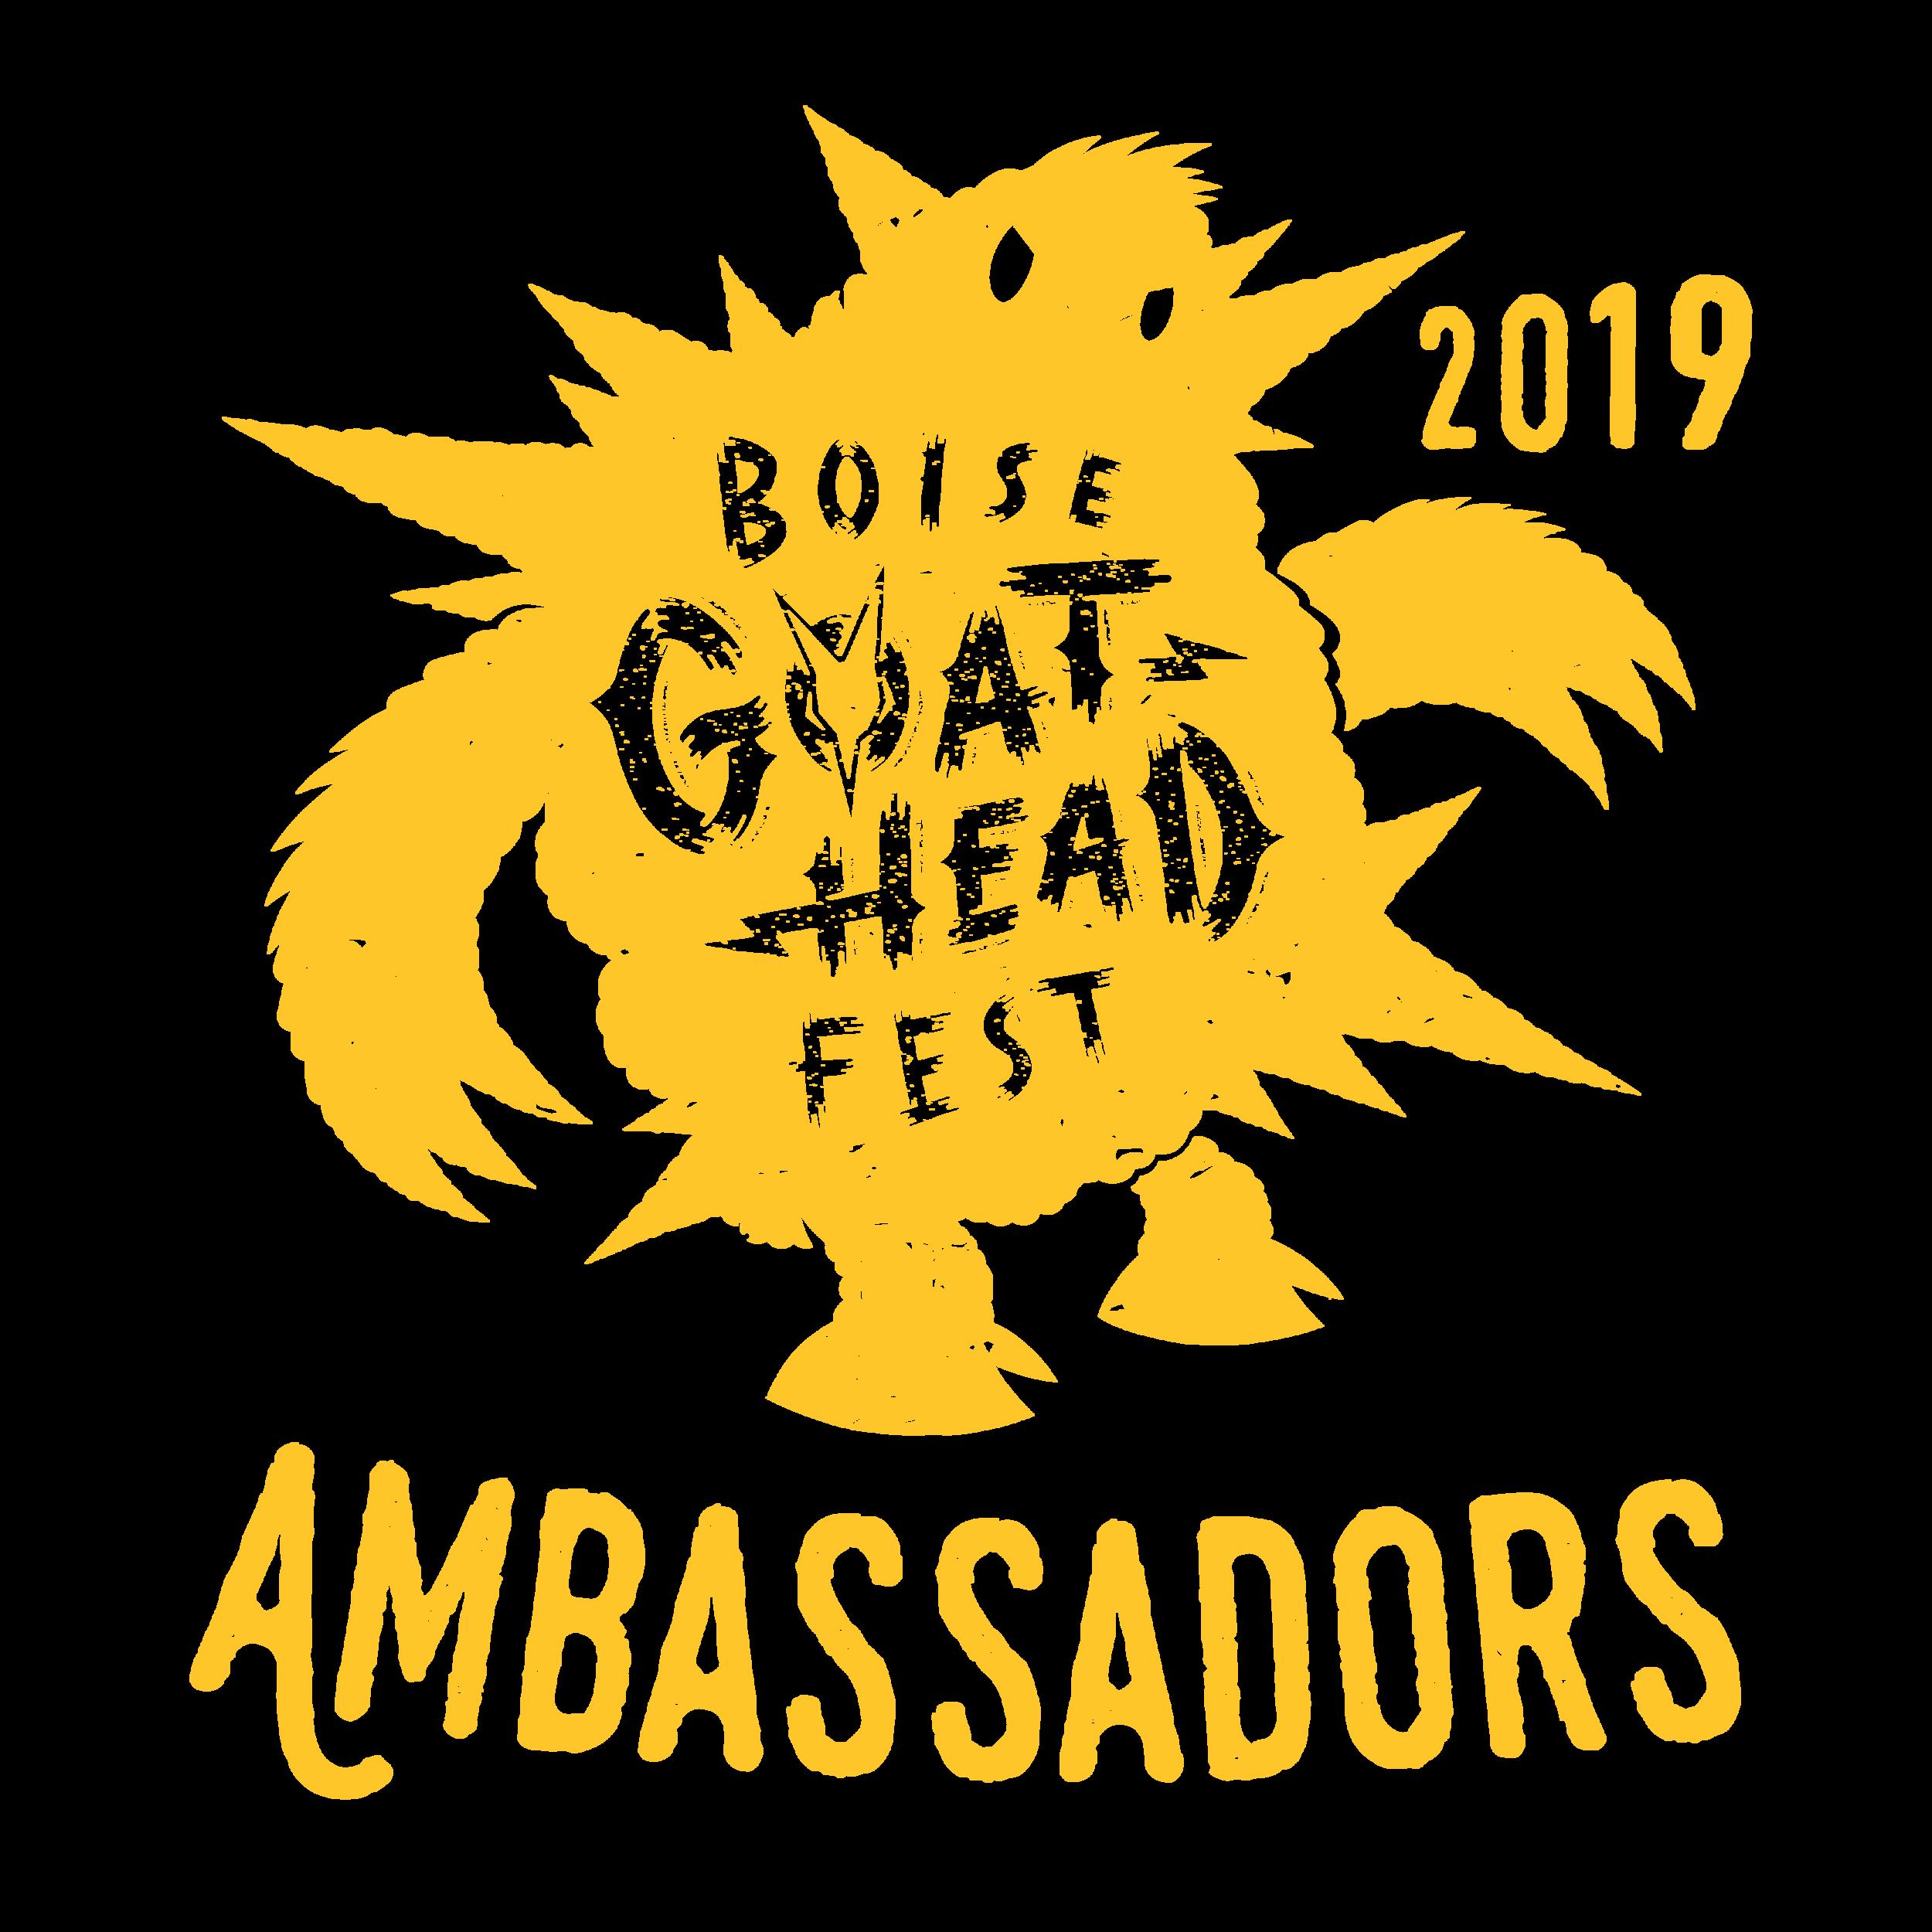 Ambassador-01 (1).png